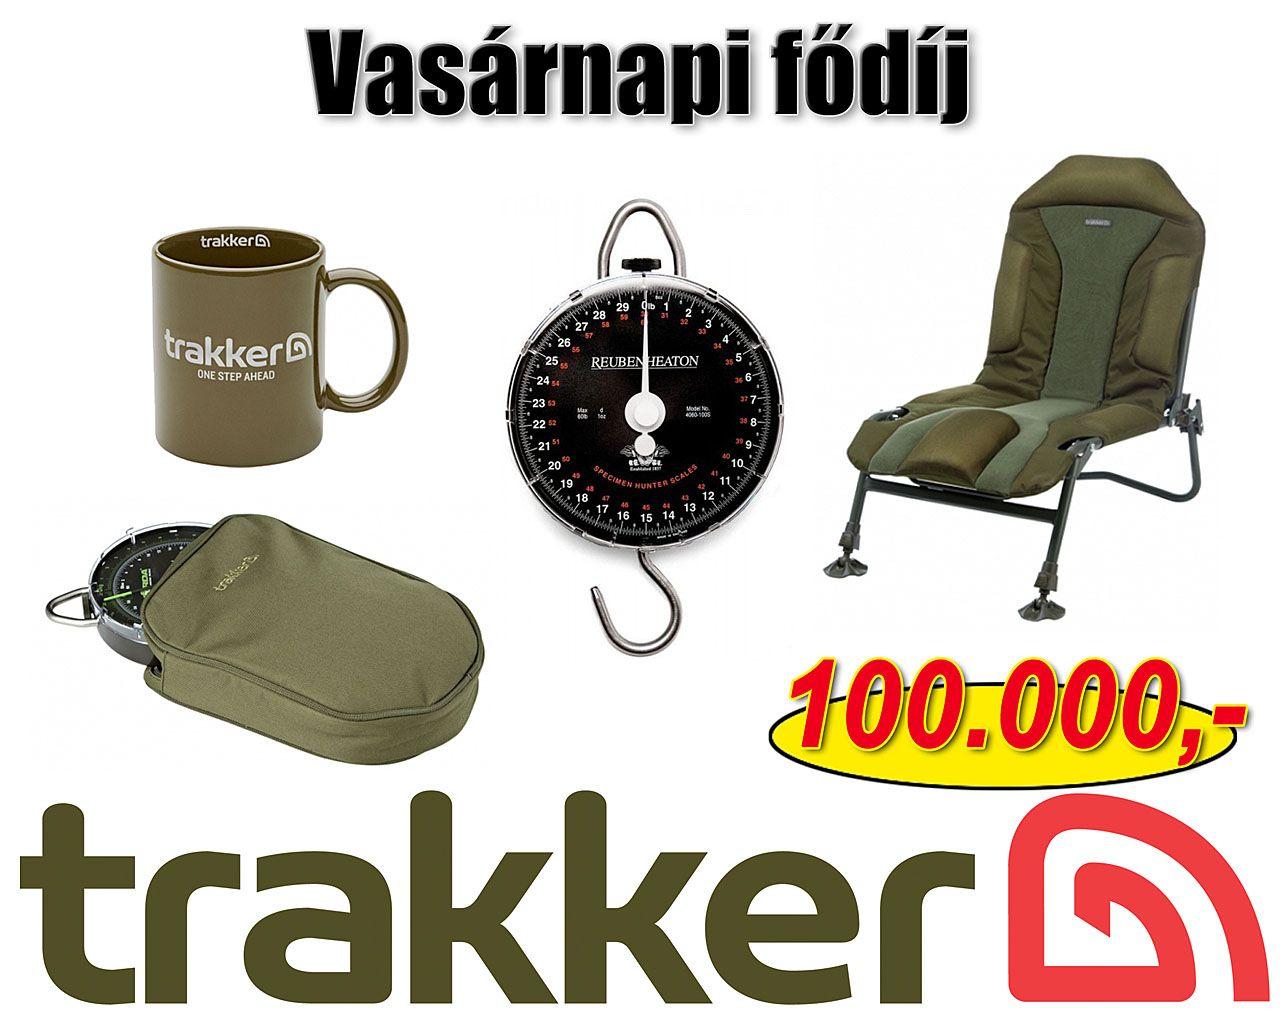 A tudáspróbával összekötött tombola fődíja vasárnap egy 100.000 Ft értékű Trakker ajándékcsomag!